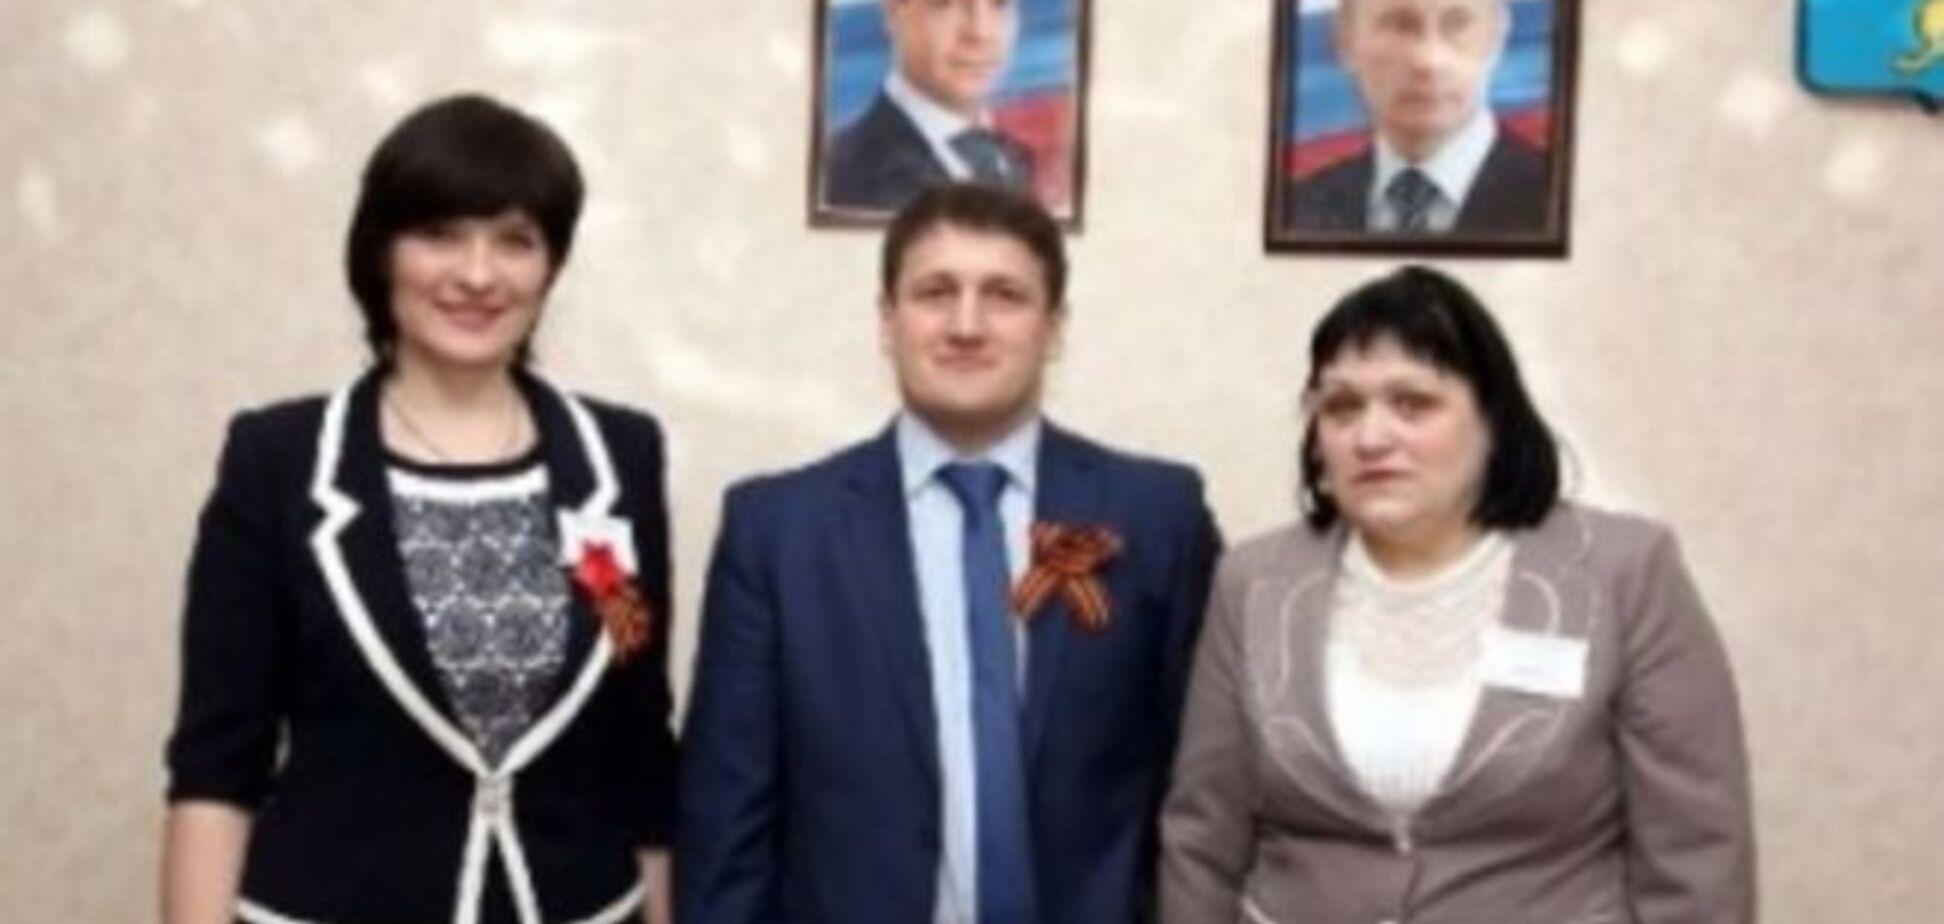 На харківських вчителів через фото з Путіним поскаржилися в СБУ